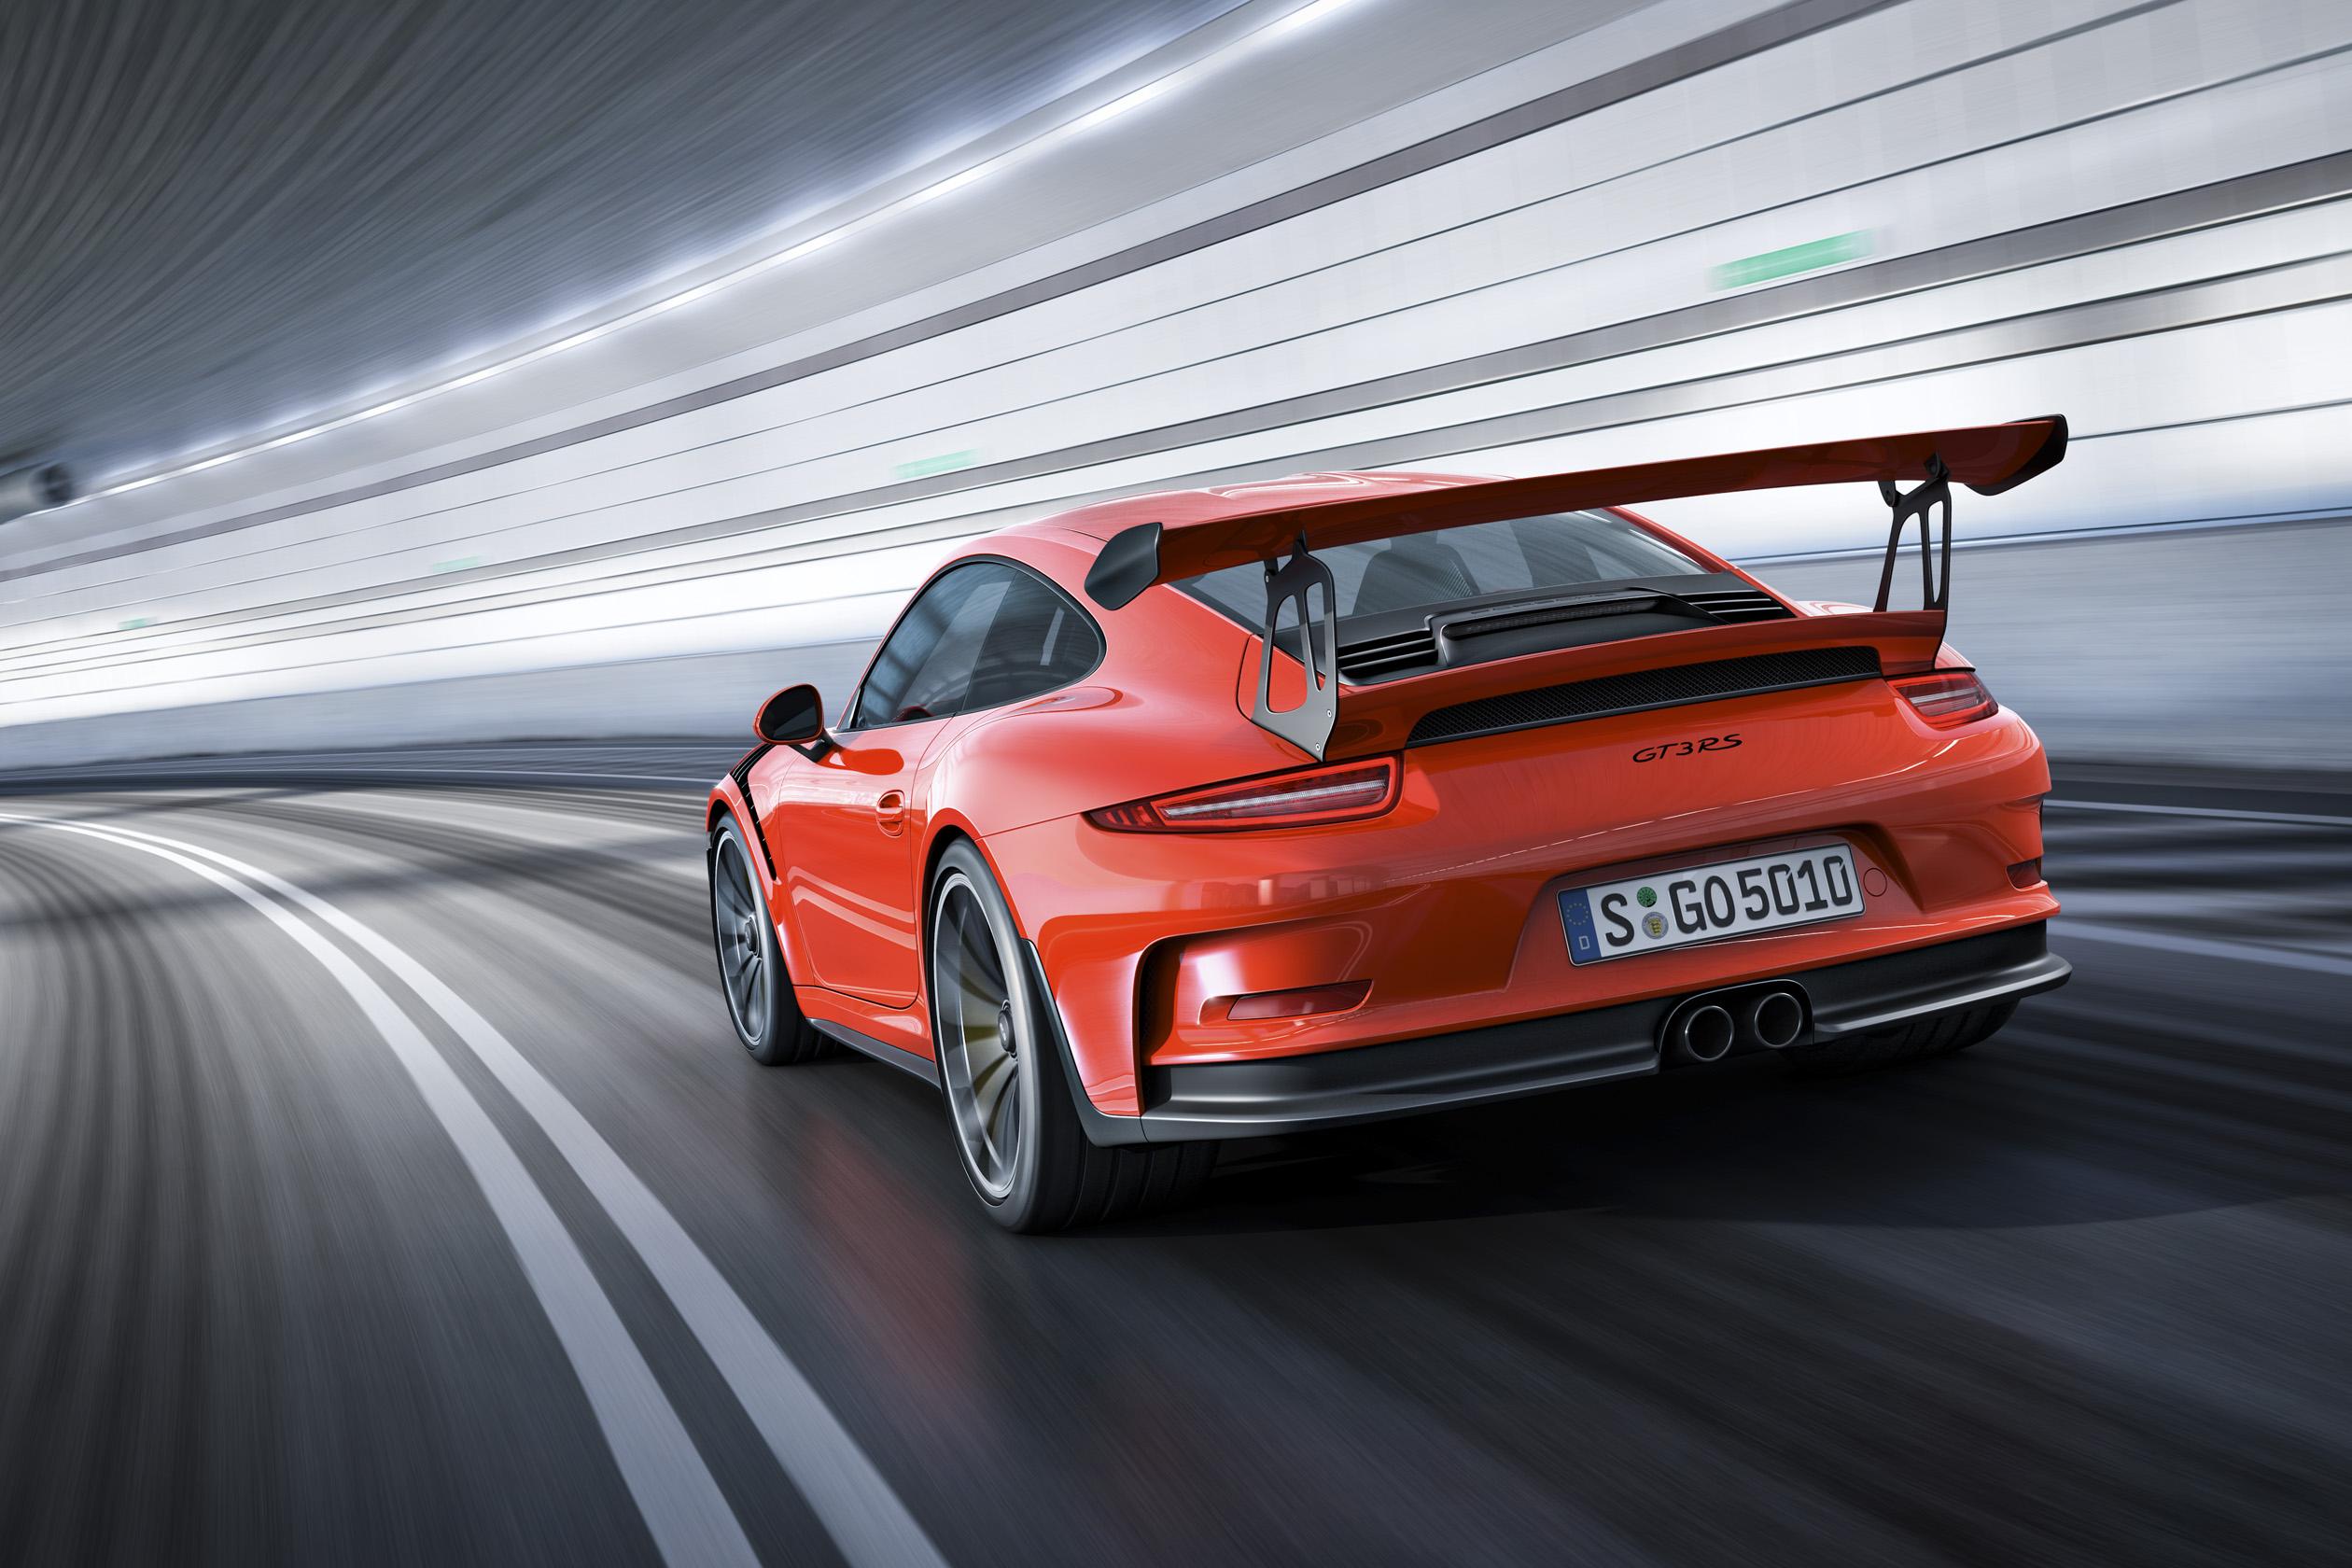 911_保时捷911gt3 rs报价最性能的赛道街跑